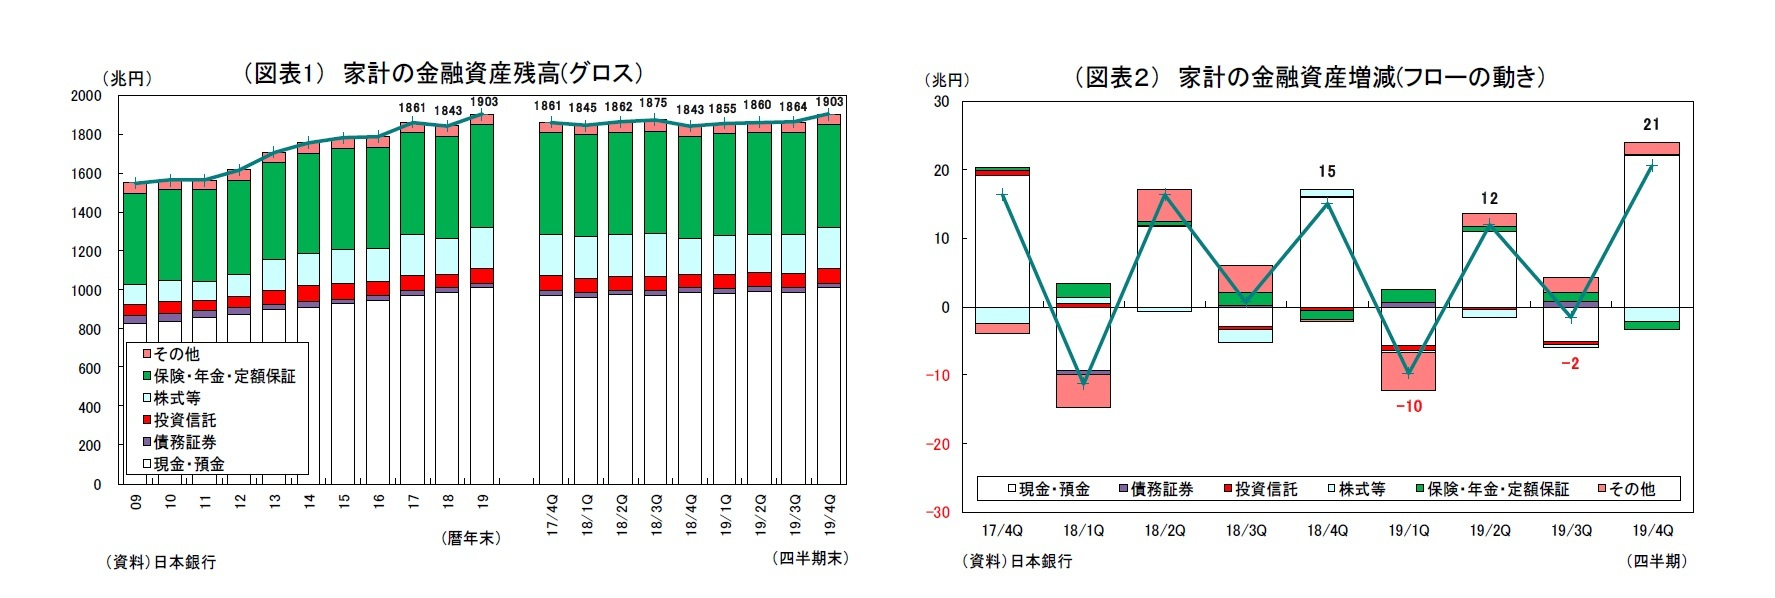 (図表1) 家計の金融資産残高(グロス)/(図表2) 家計の金融資産増減(フローの動き)